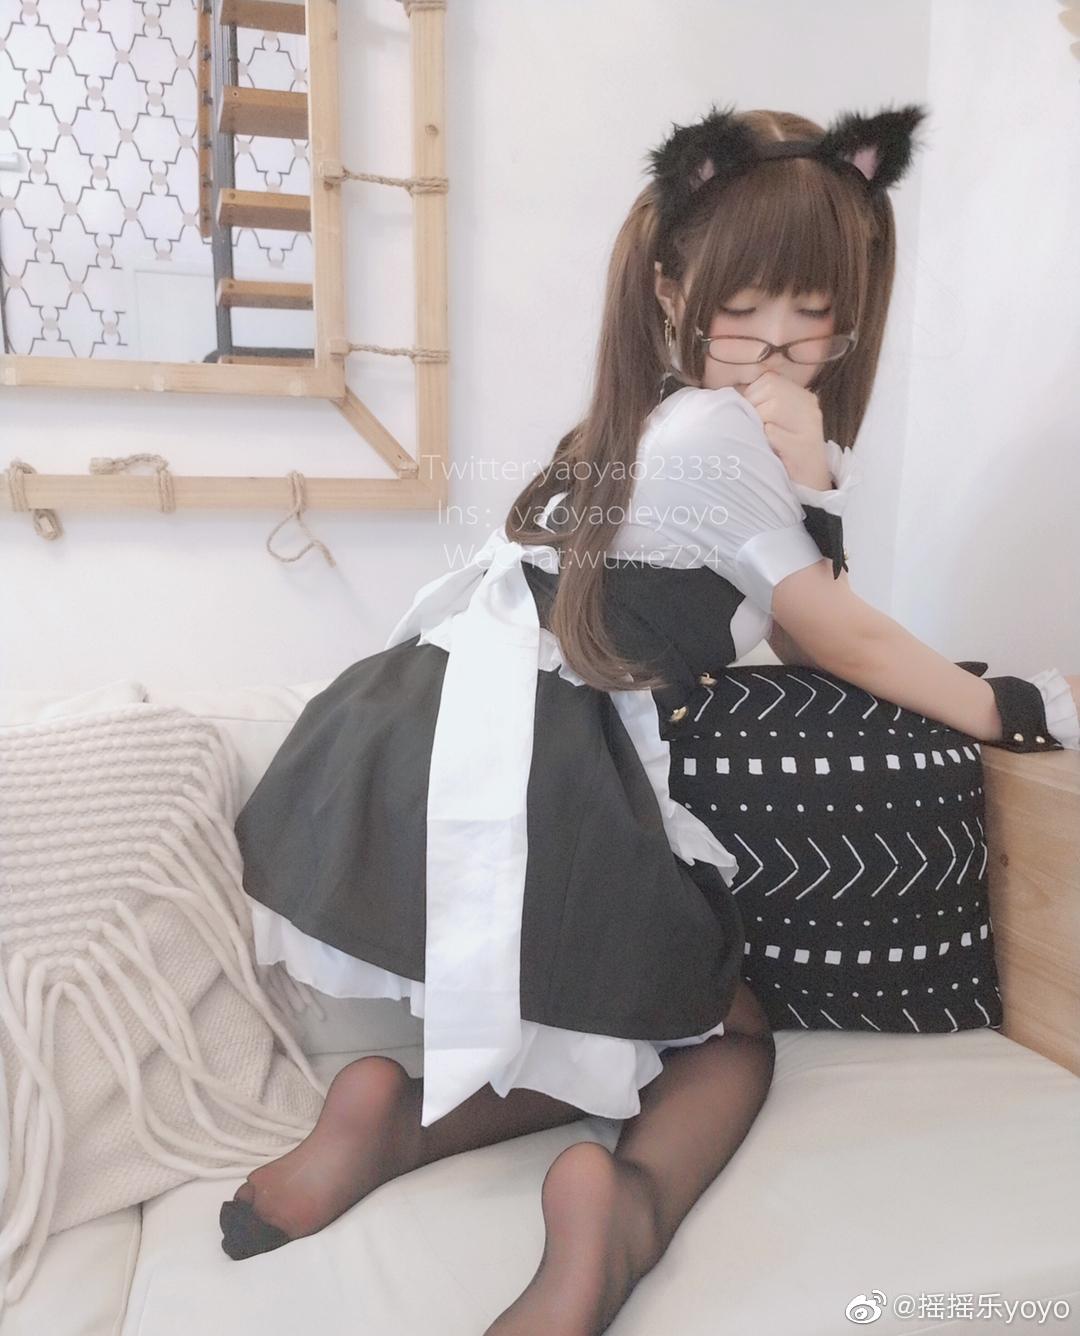 今天是你的女仆啊~